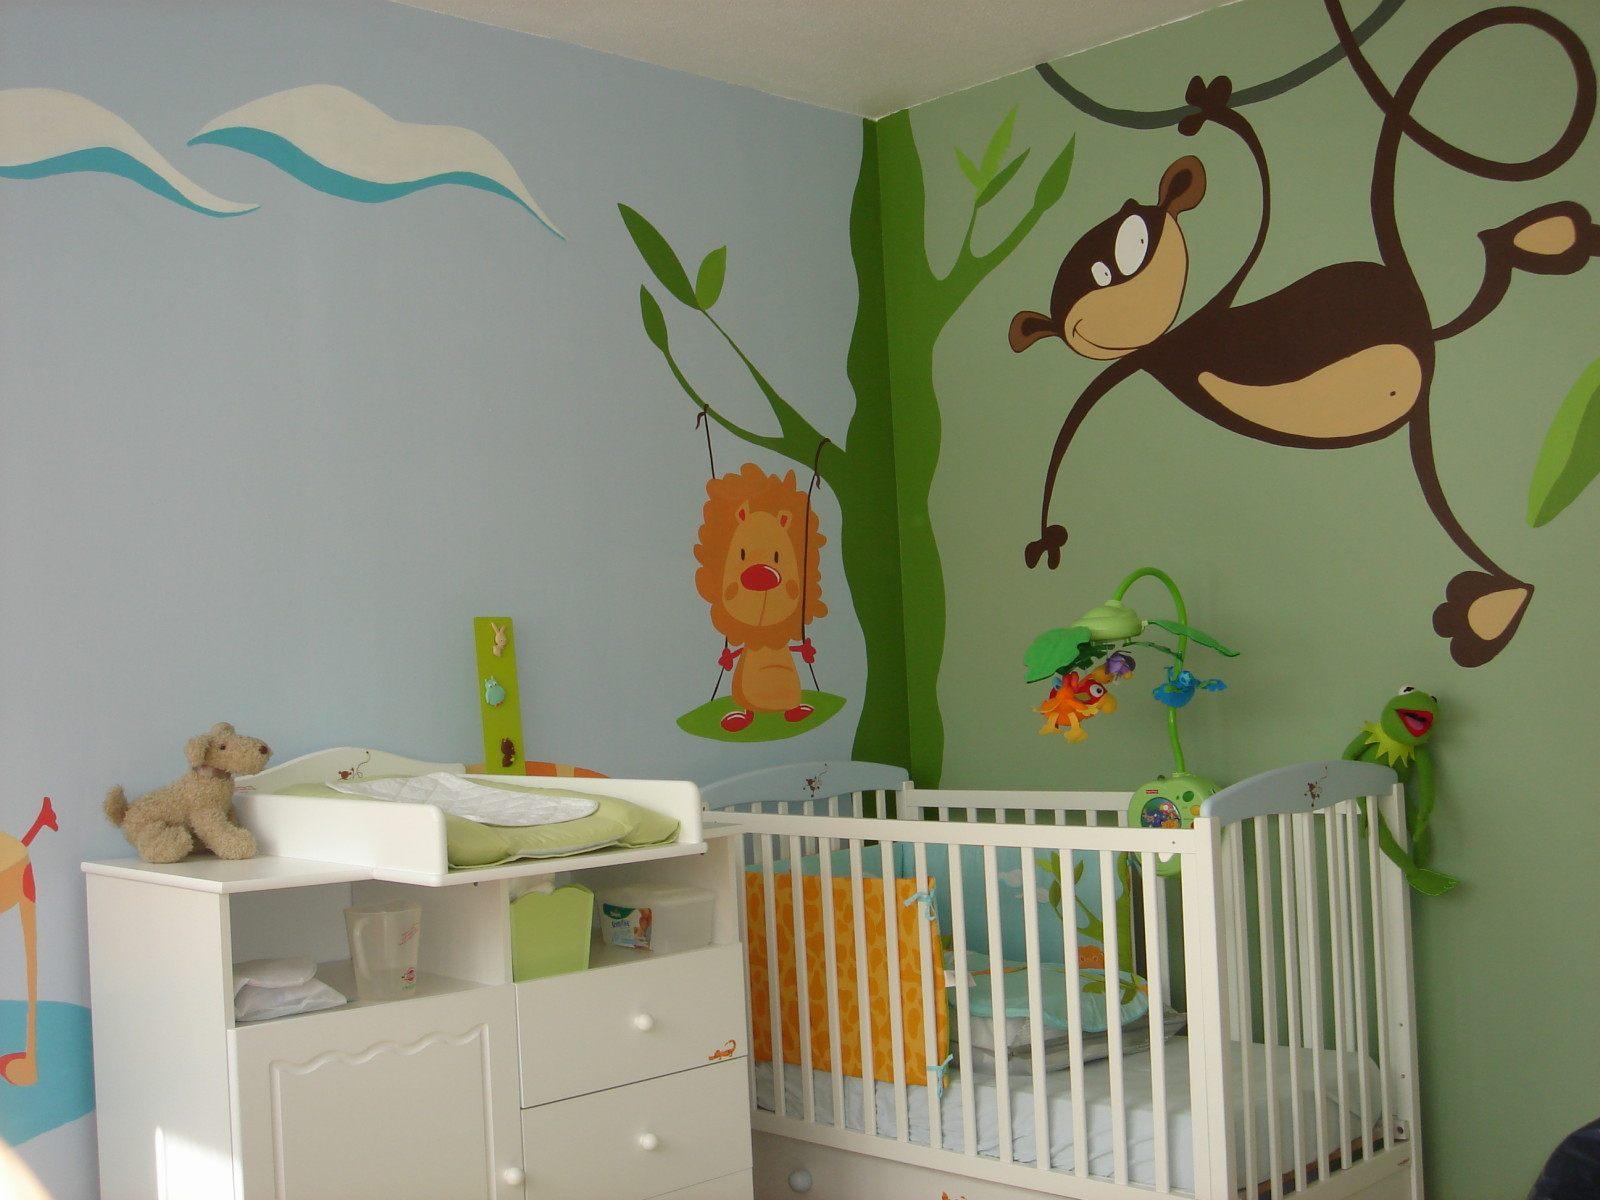 Parure De Lit Bébé De Luxe Applique Murale Chambre Bébé Lustre Chambre Bébé Fille élégant Parc